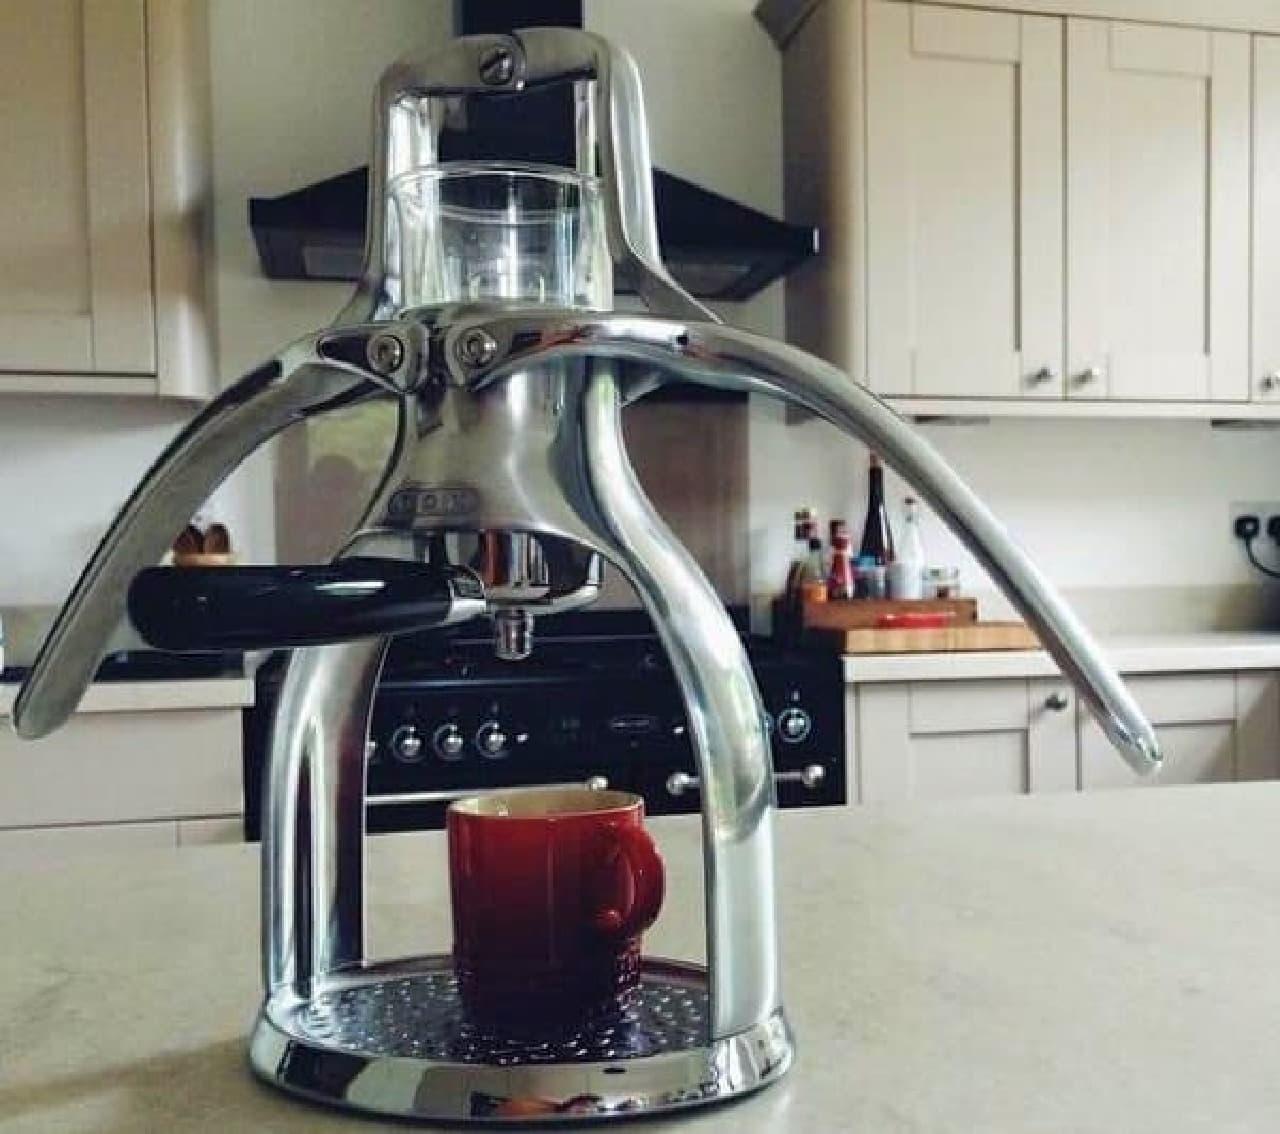 英国 ROK の美しいエスプレッソメーカー「ROK Espresso Maker」